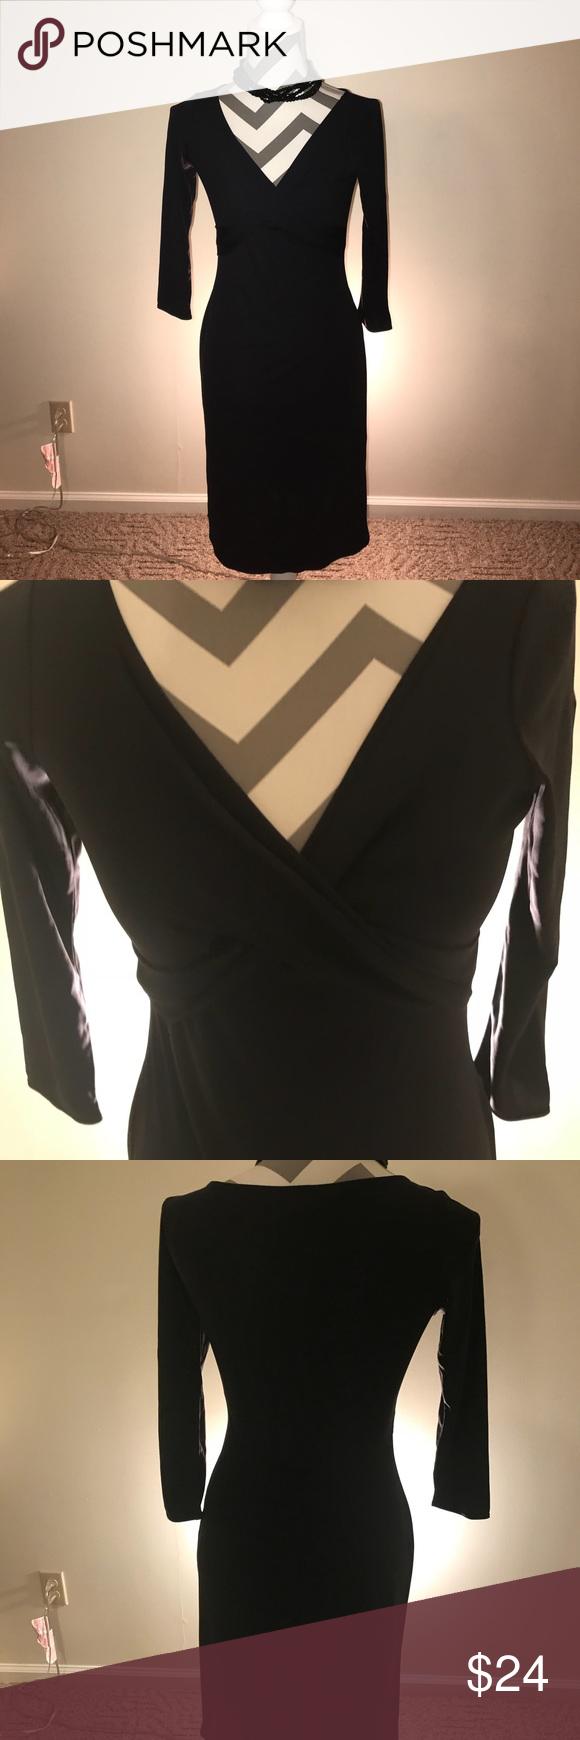 19 Unique Ann Taylor Dress Size Chart